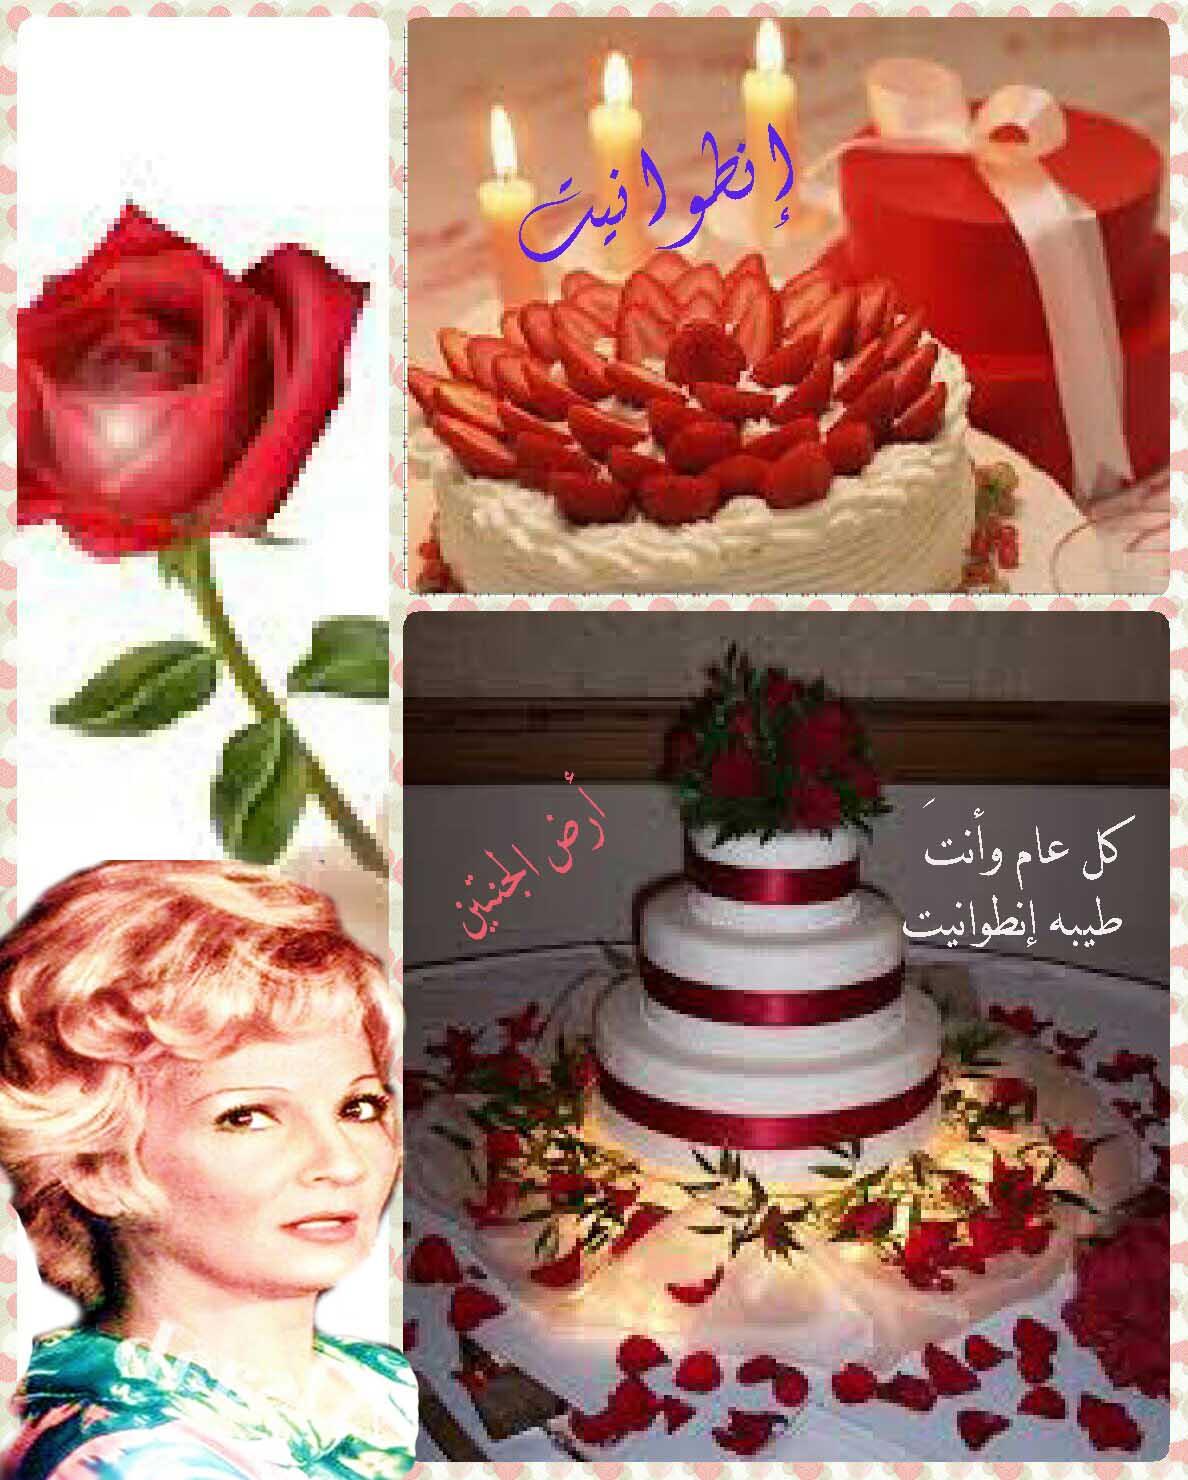 تصميمات أرض الجنتين للحبيبه شاديه    - صفحة 5 664200288